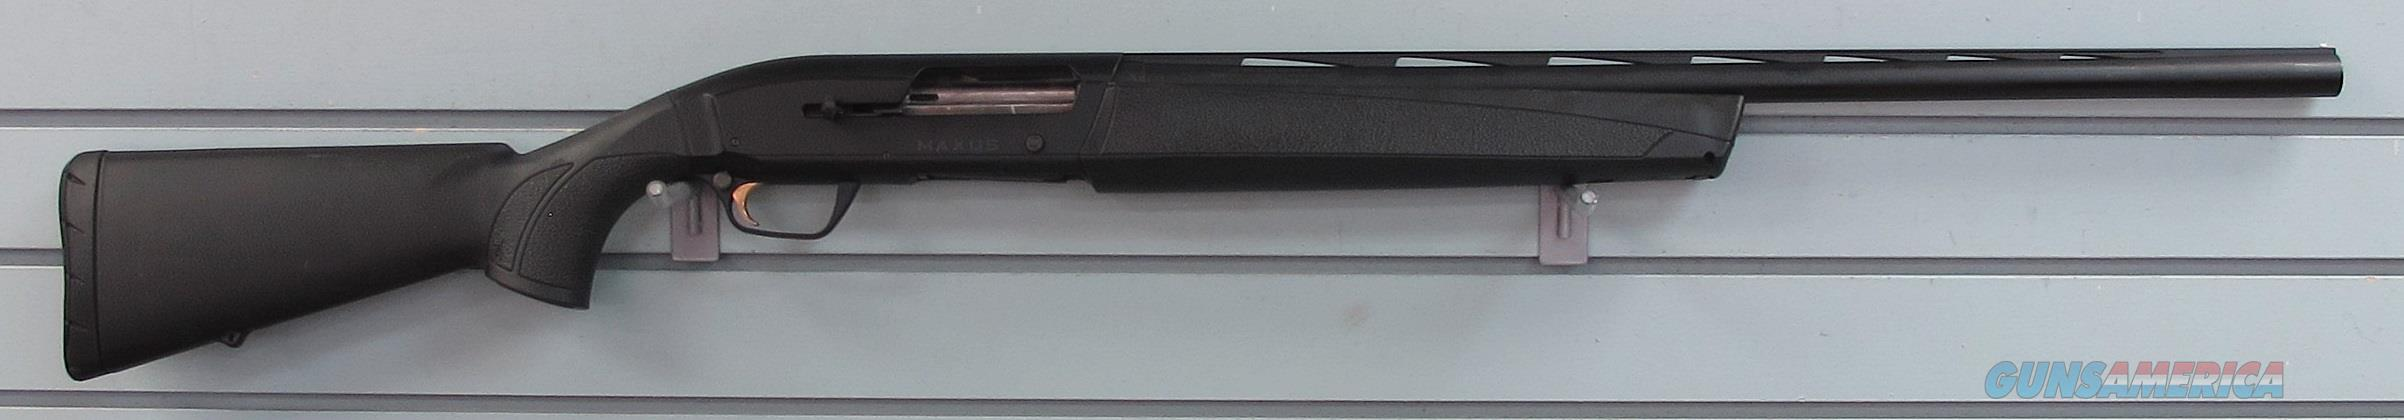 BROWNING 12 GA MAXUS STALKER   Guns > Shotguns > Browning Shotguns > Autoloaders > Hunting